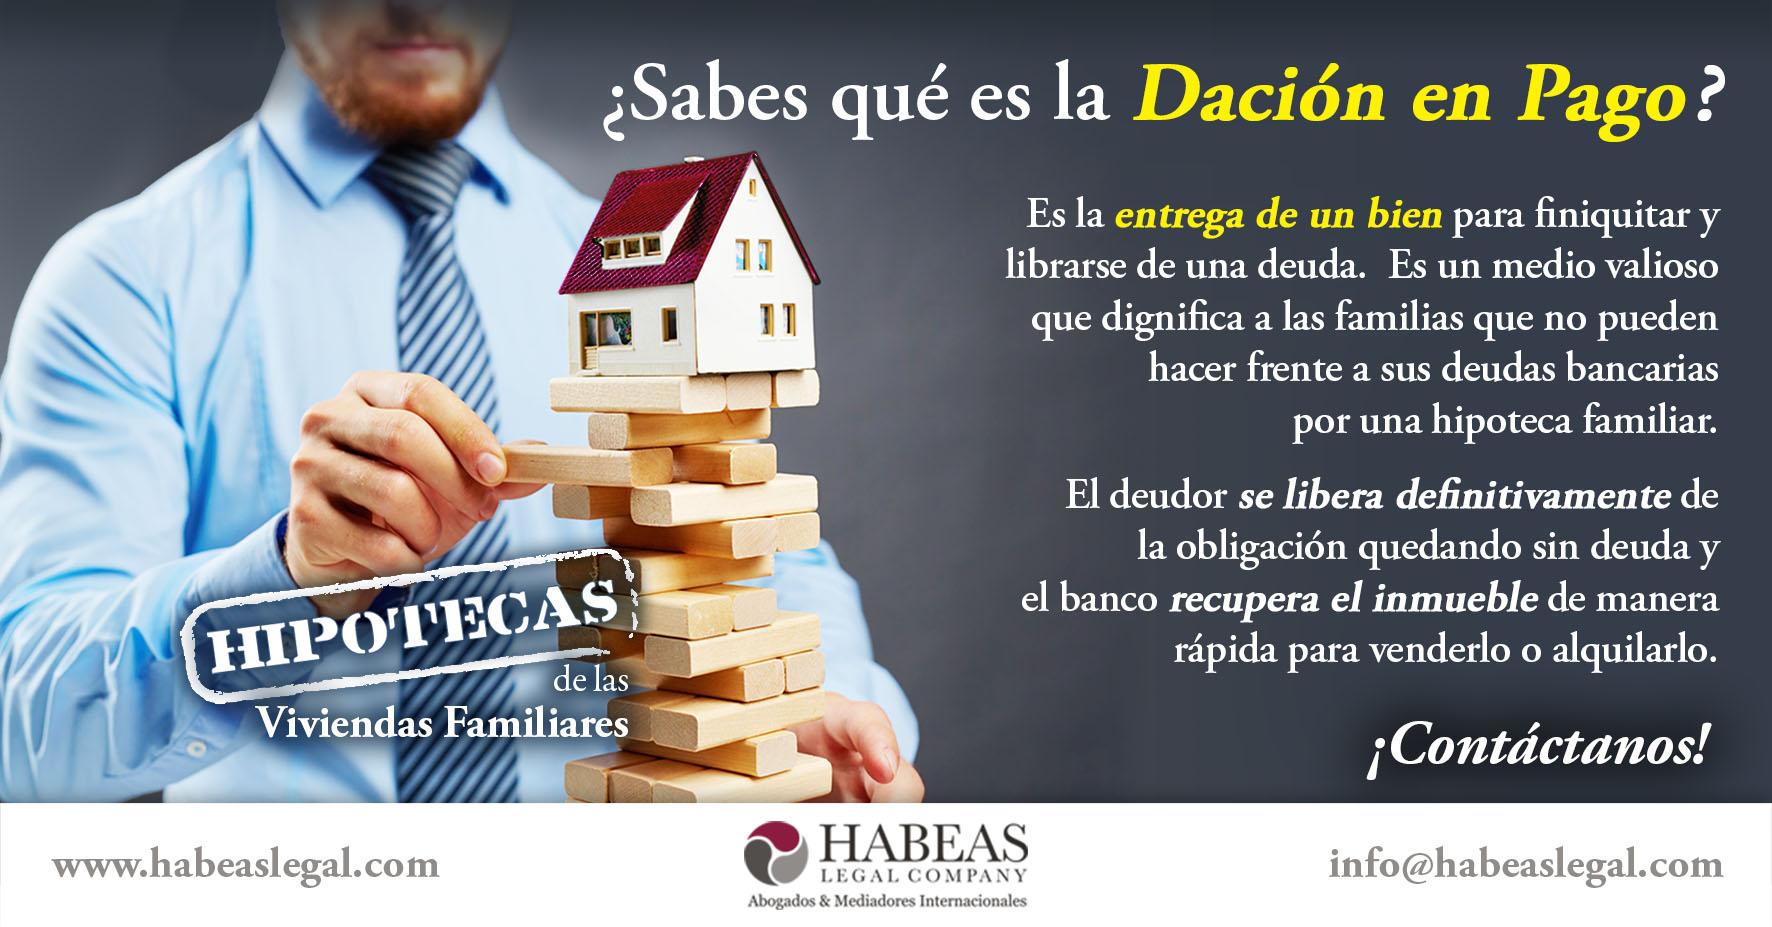 Dación en Pago Habeas Legal - ¿Sabes qué es la Dación en Pago?